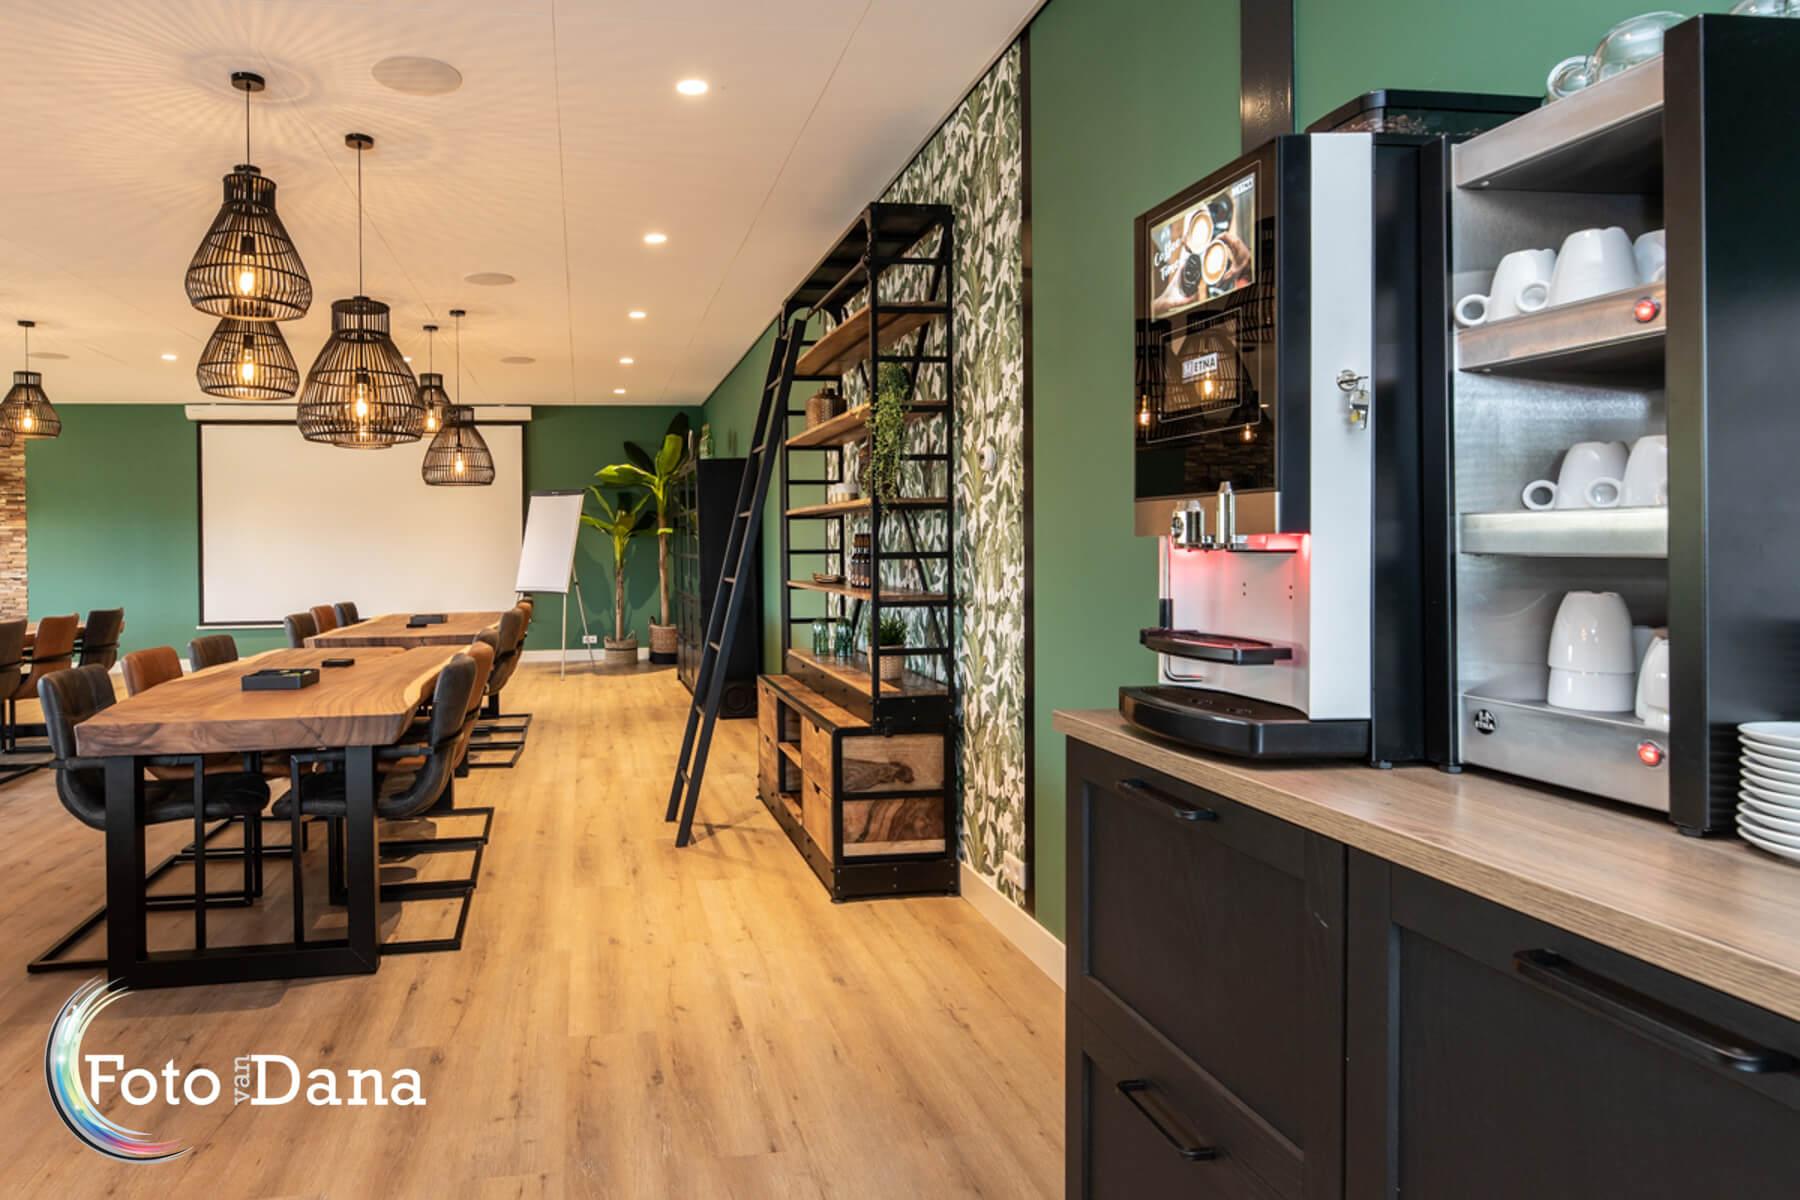 verhuur ruimte vergaderingen, workshops, presentaties met goede koffiemachine